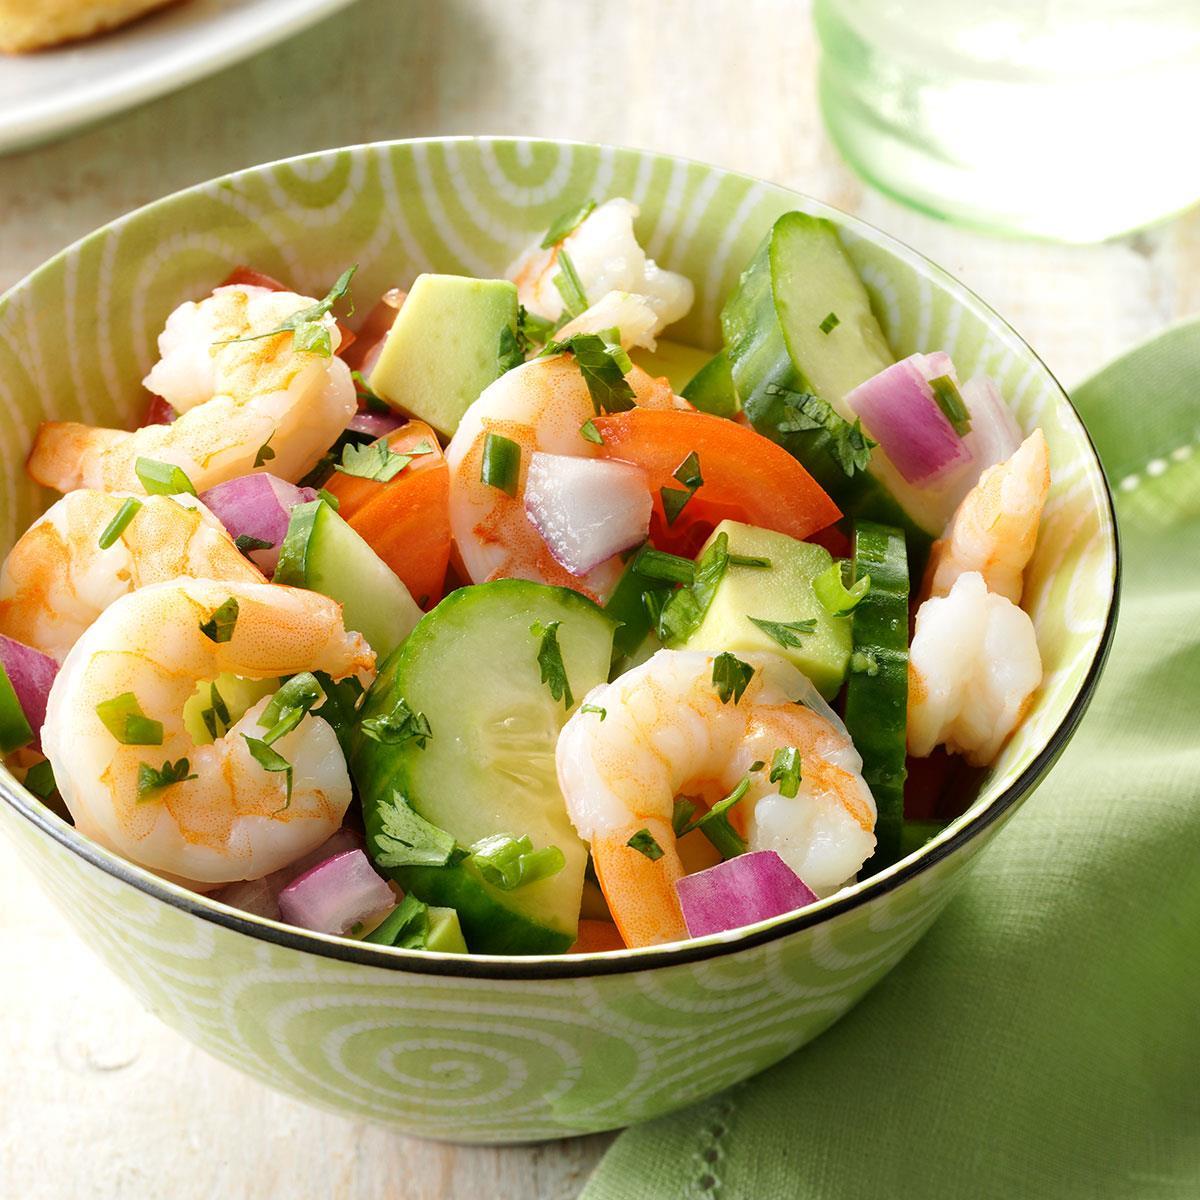 Salad Recipes With Shrimp